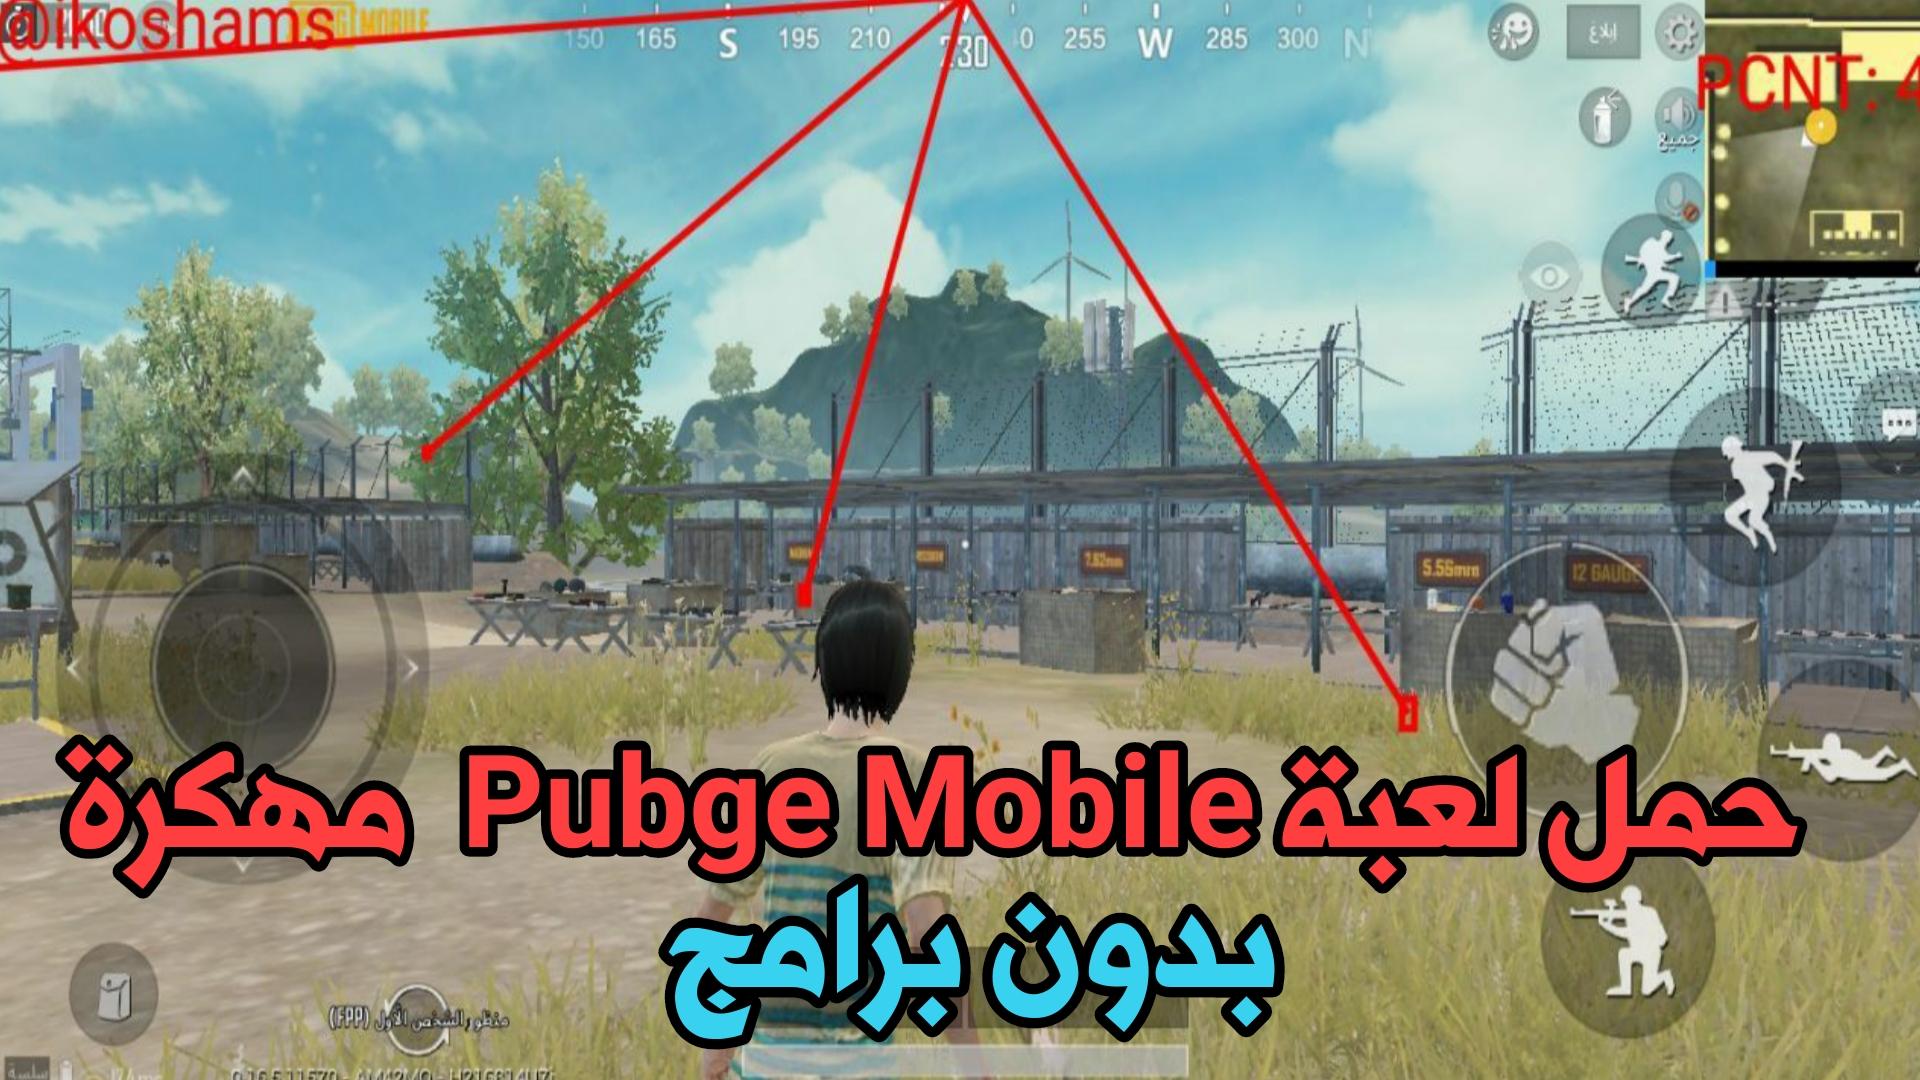 حمل لعبة Pubge Mobile مهكرة بدون برامج وأدوات